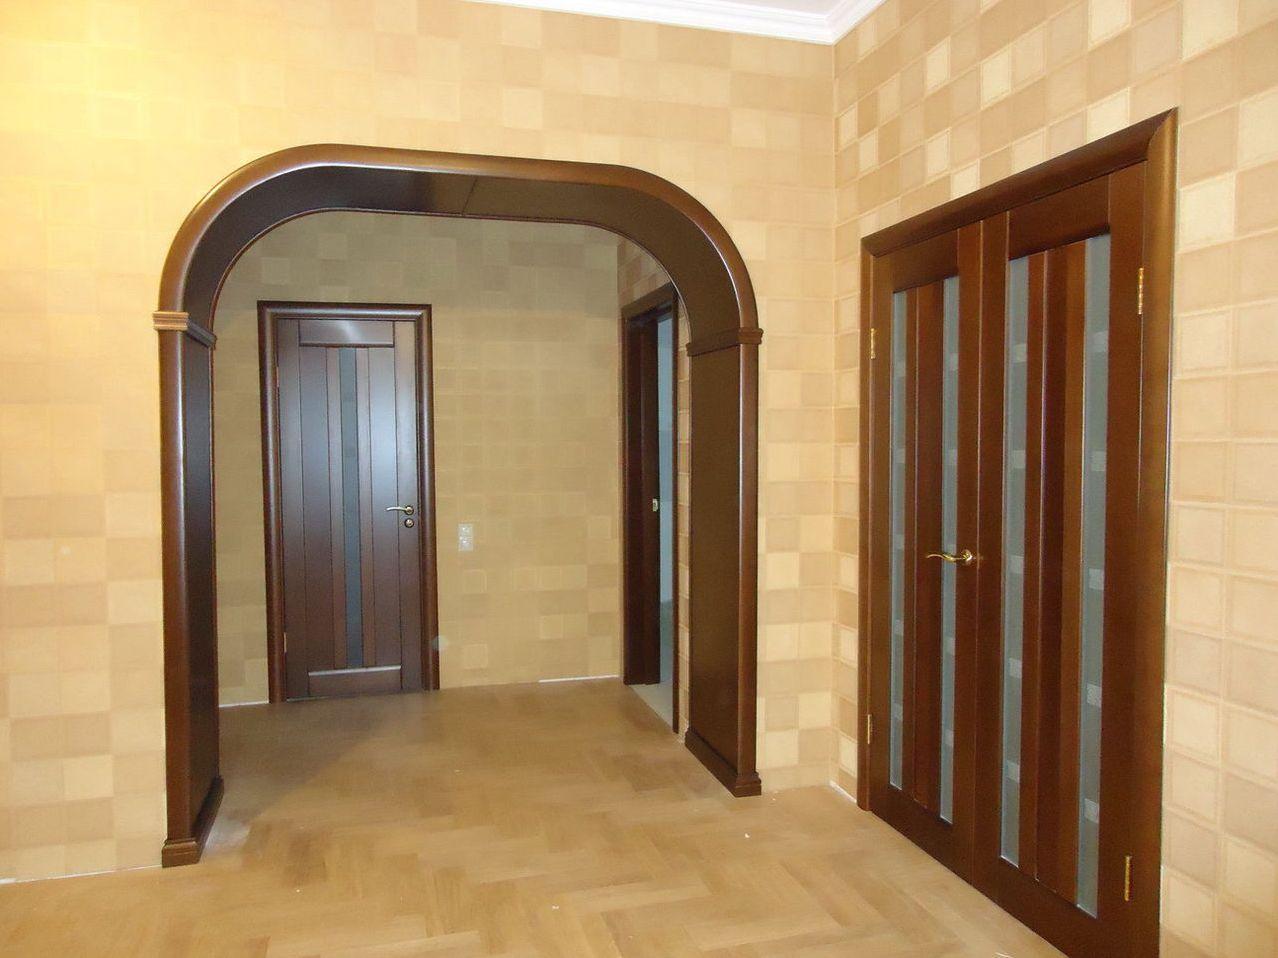 арка рядом с дверью фото облегчения этой работы